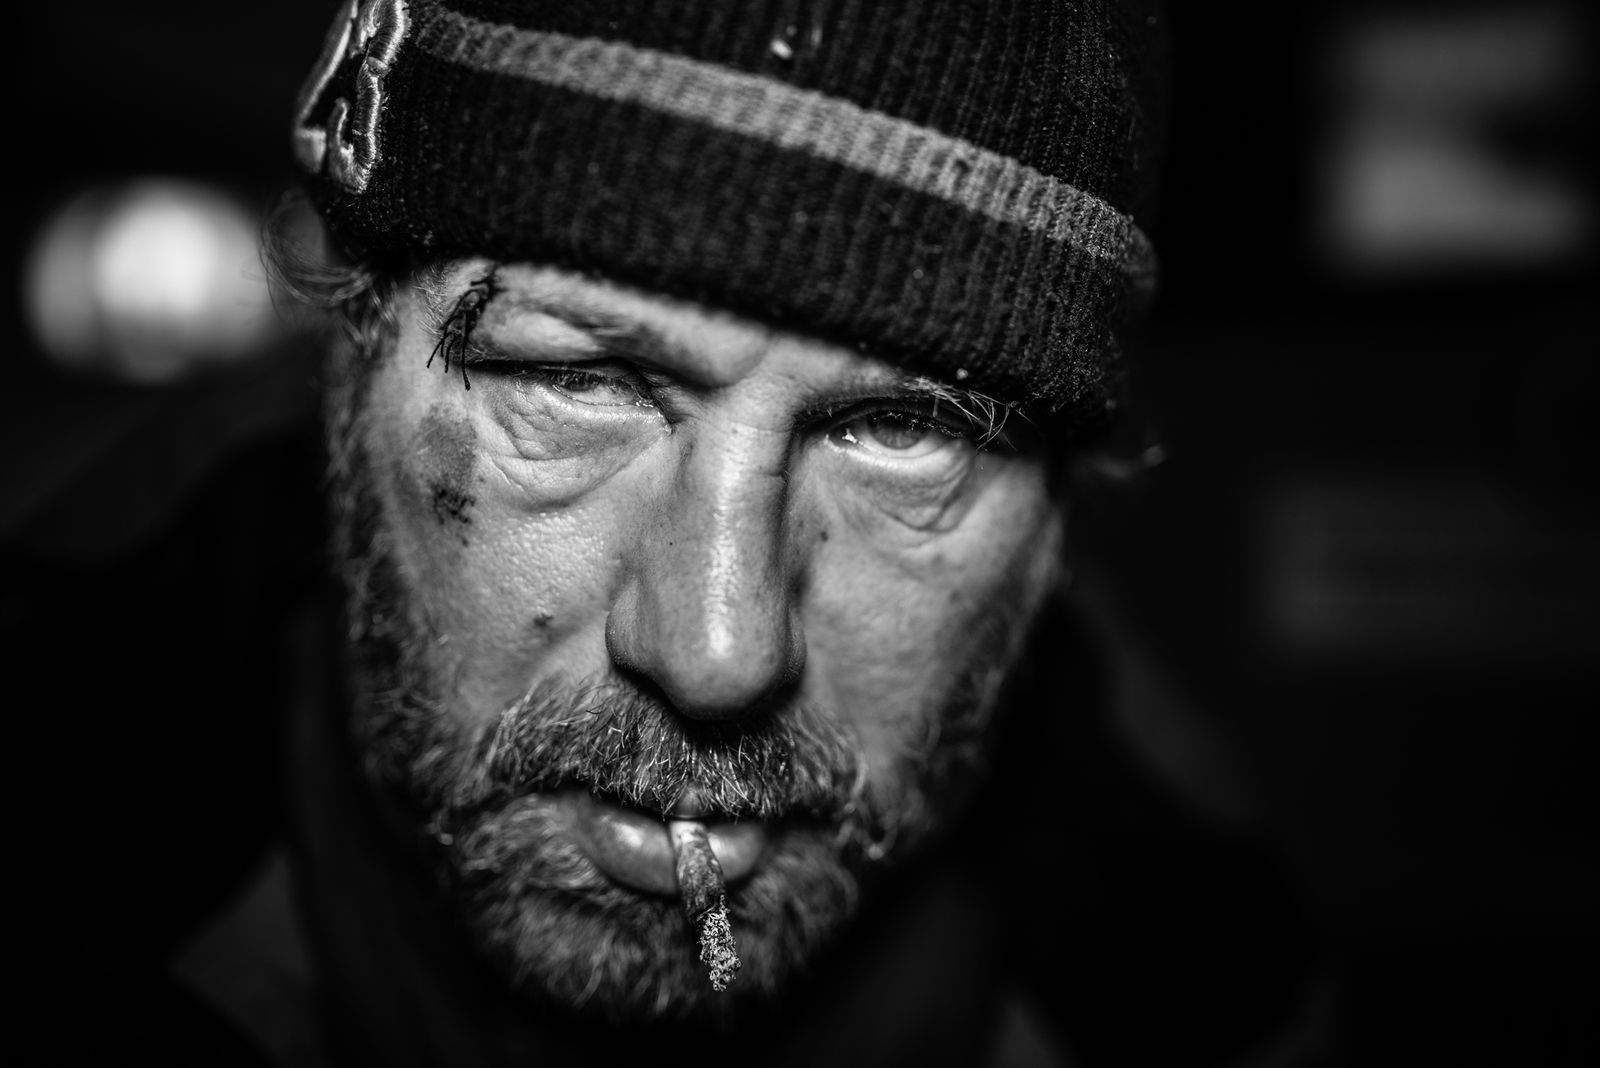 EINMALIGE VERWENDUNG Italien/ Udiene/ Giulio Magnifico Straßenfotografie